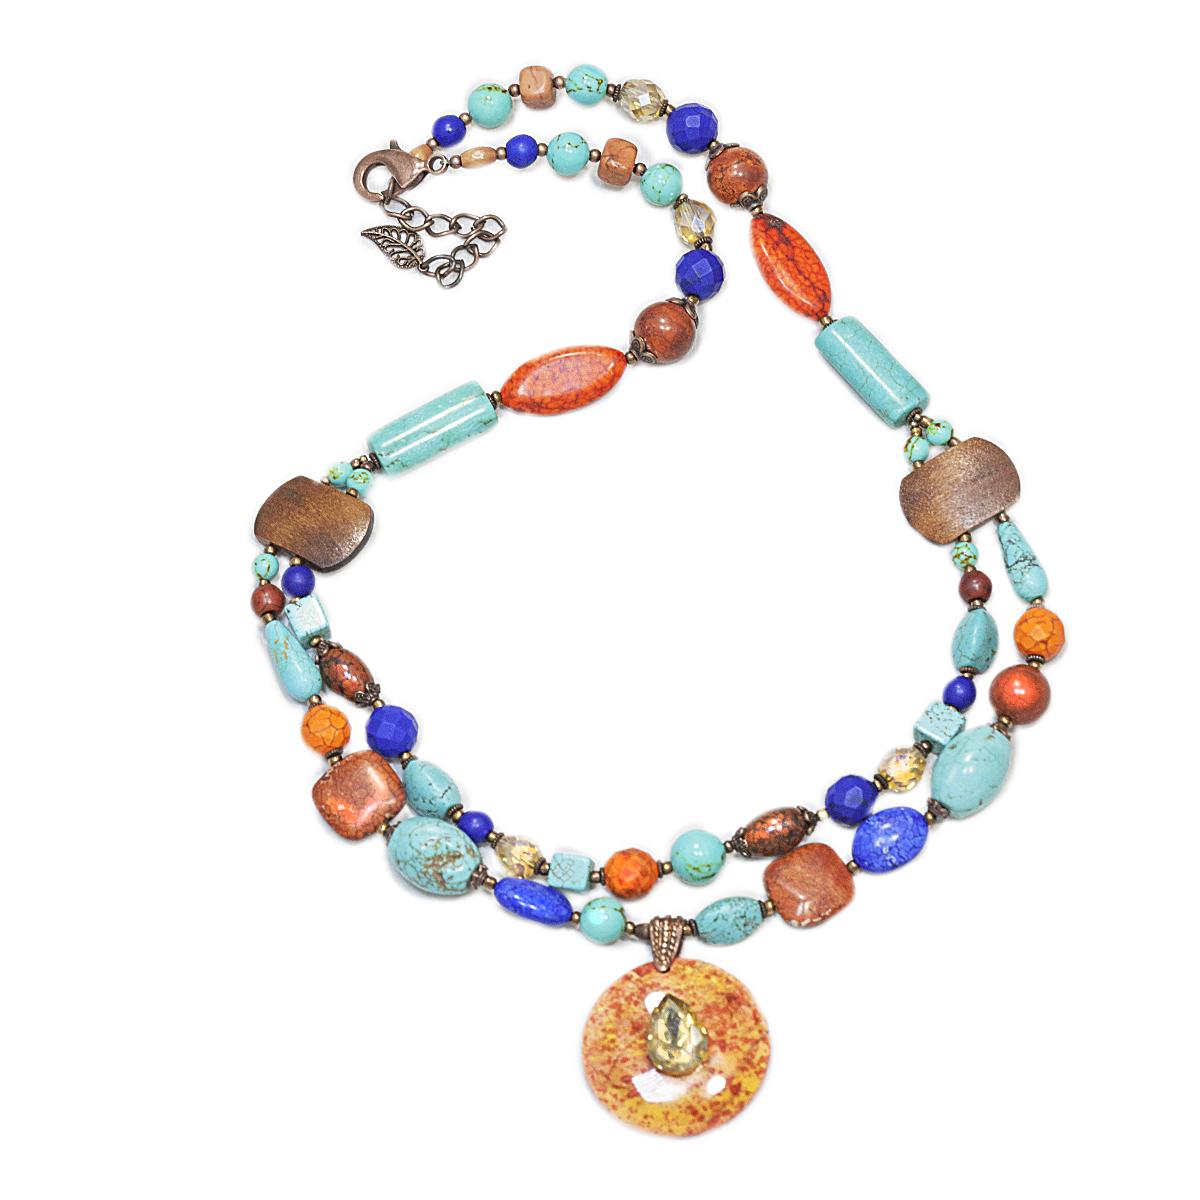 Колье женское Selena Роман с камнем, цвет: бирюзовый, оранжевый, синий. 1009461110094611